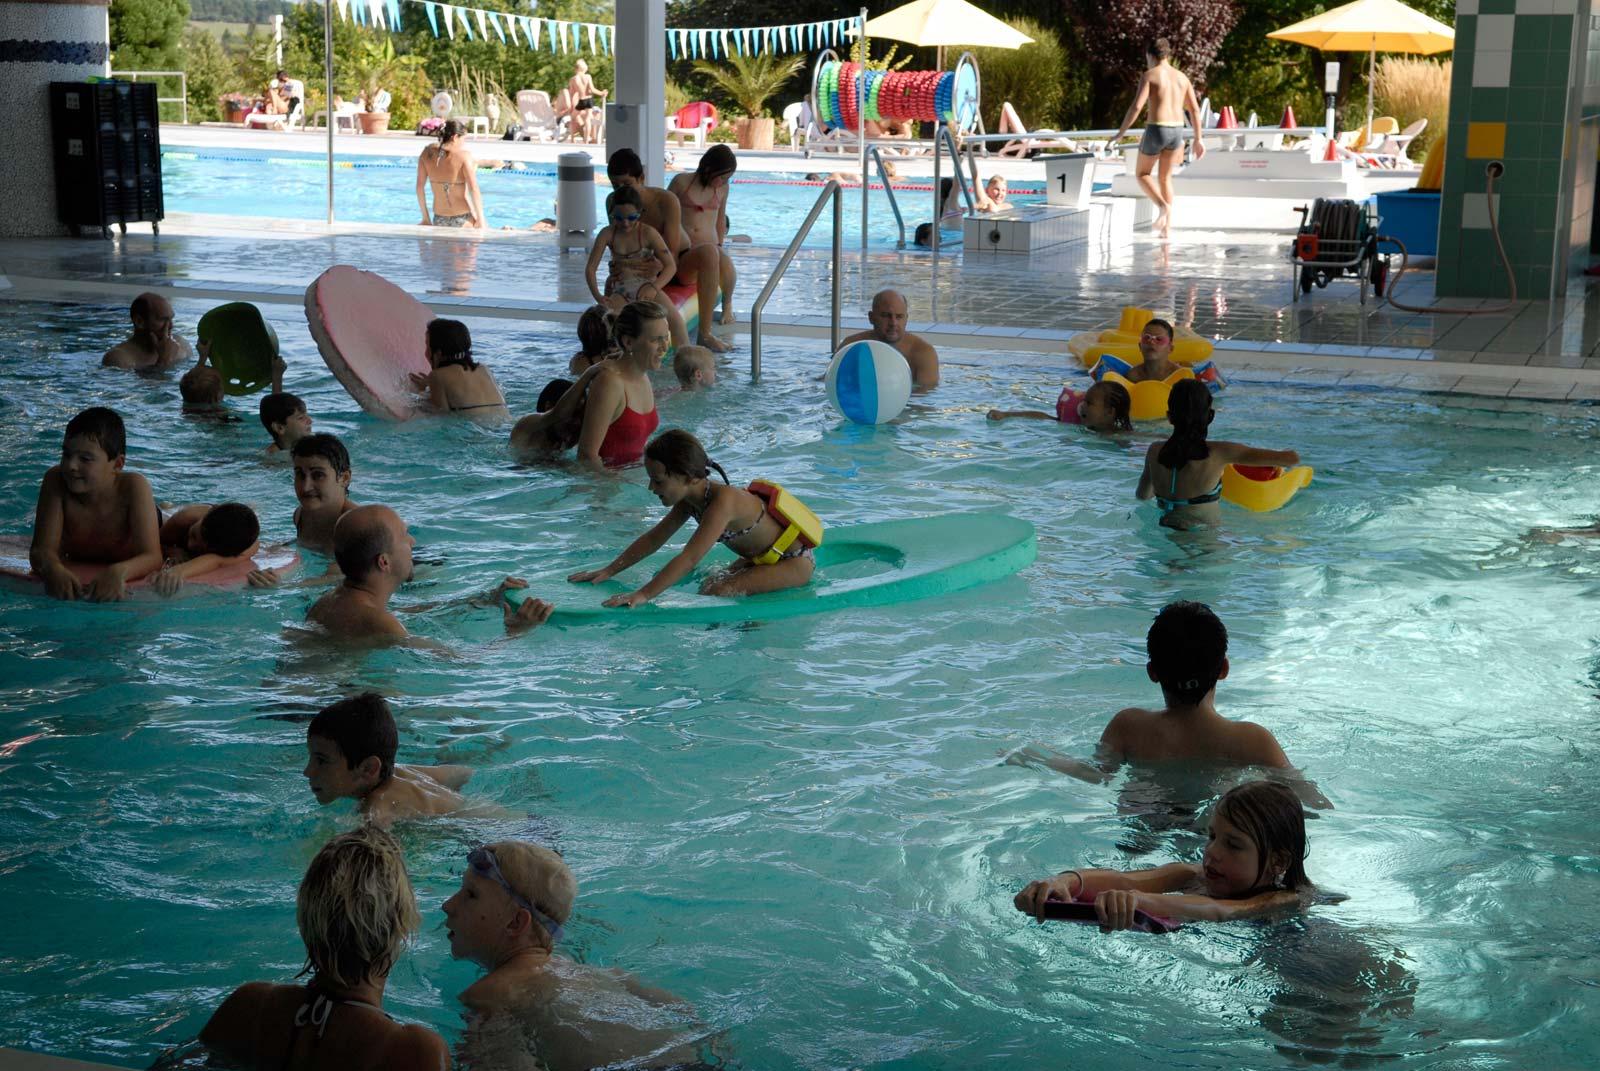 Piscine t hiver les aqualies niederbronn les bains for Piscine rodange horaire